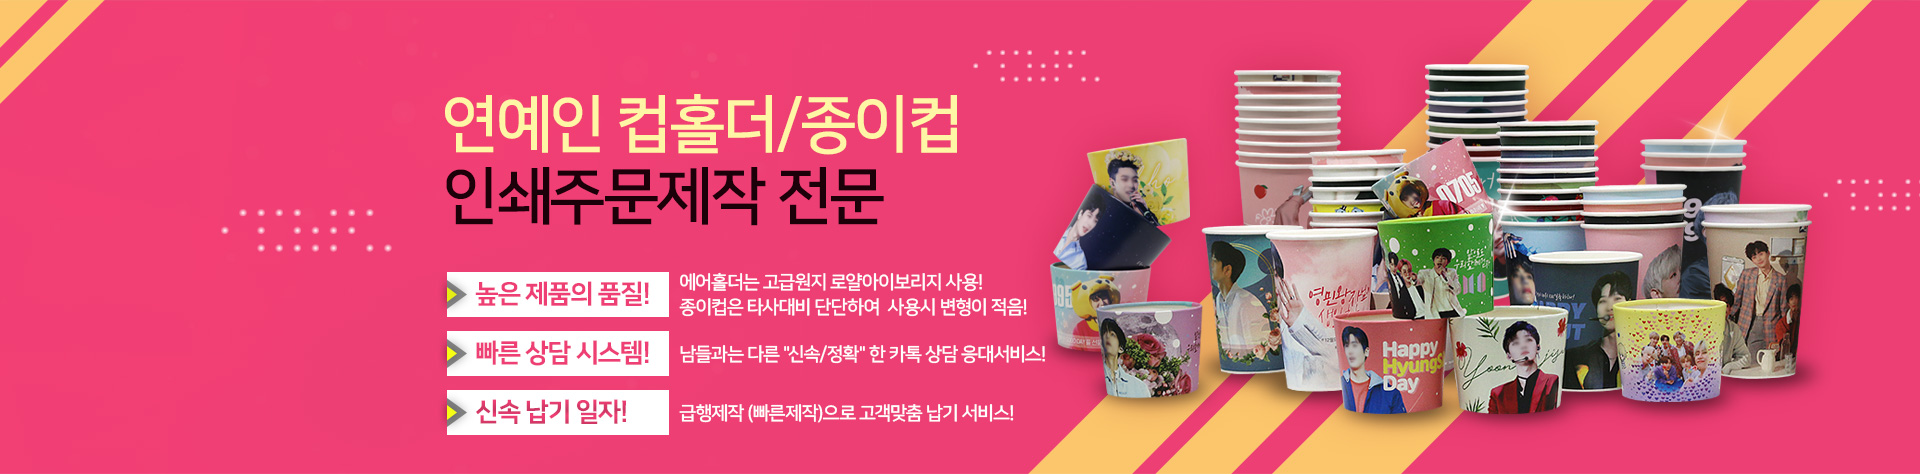 카마코 연예인 컵홀더/종이컵 인쇄주문제작전문 카마코